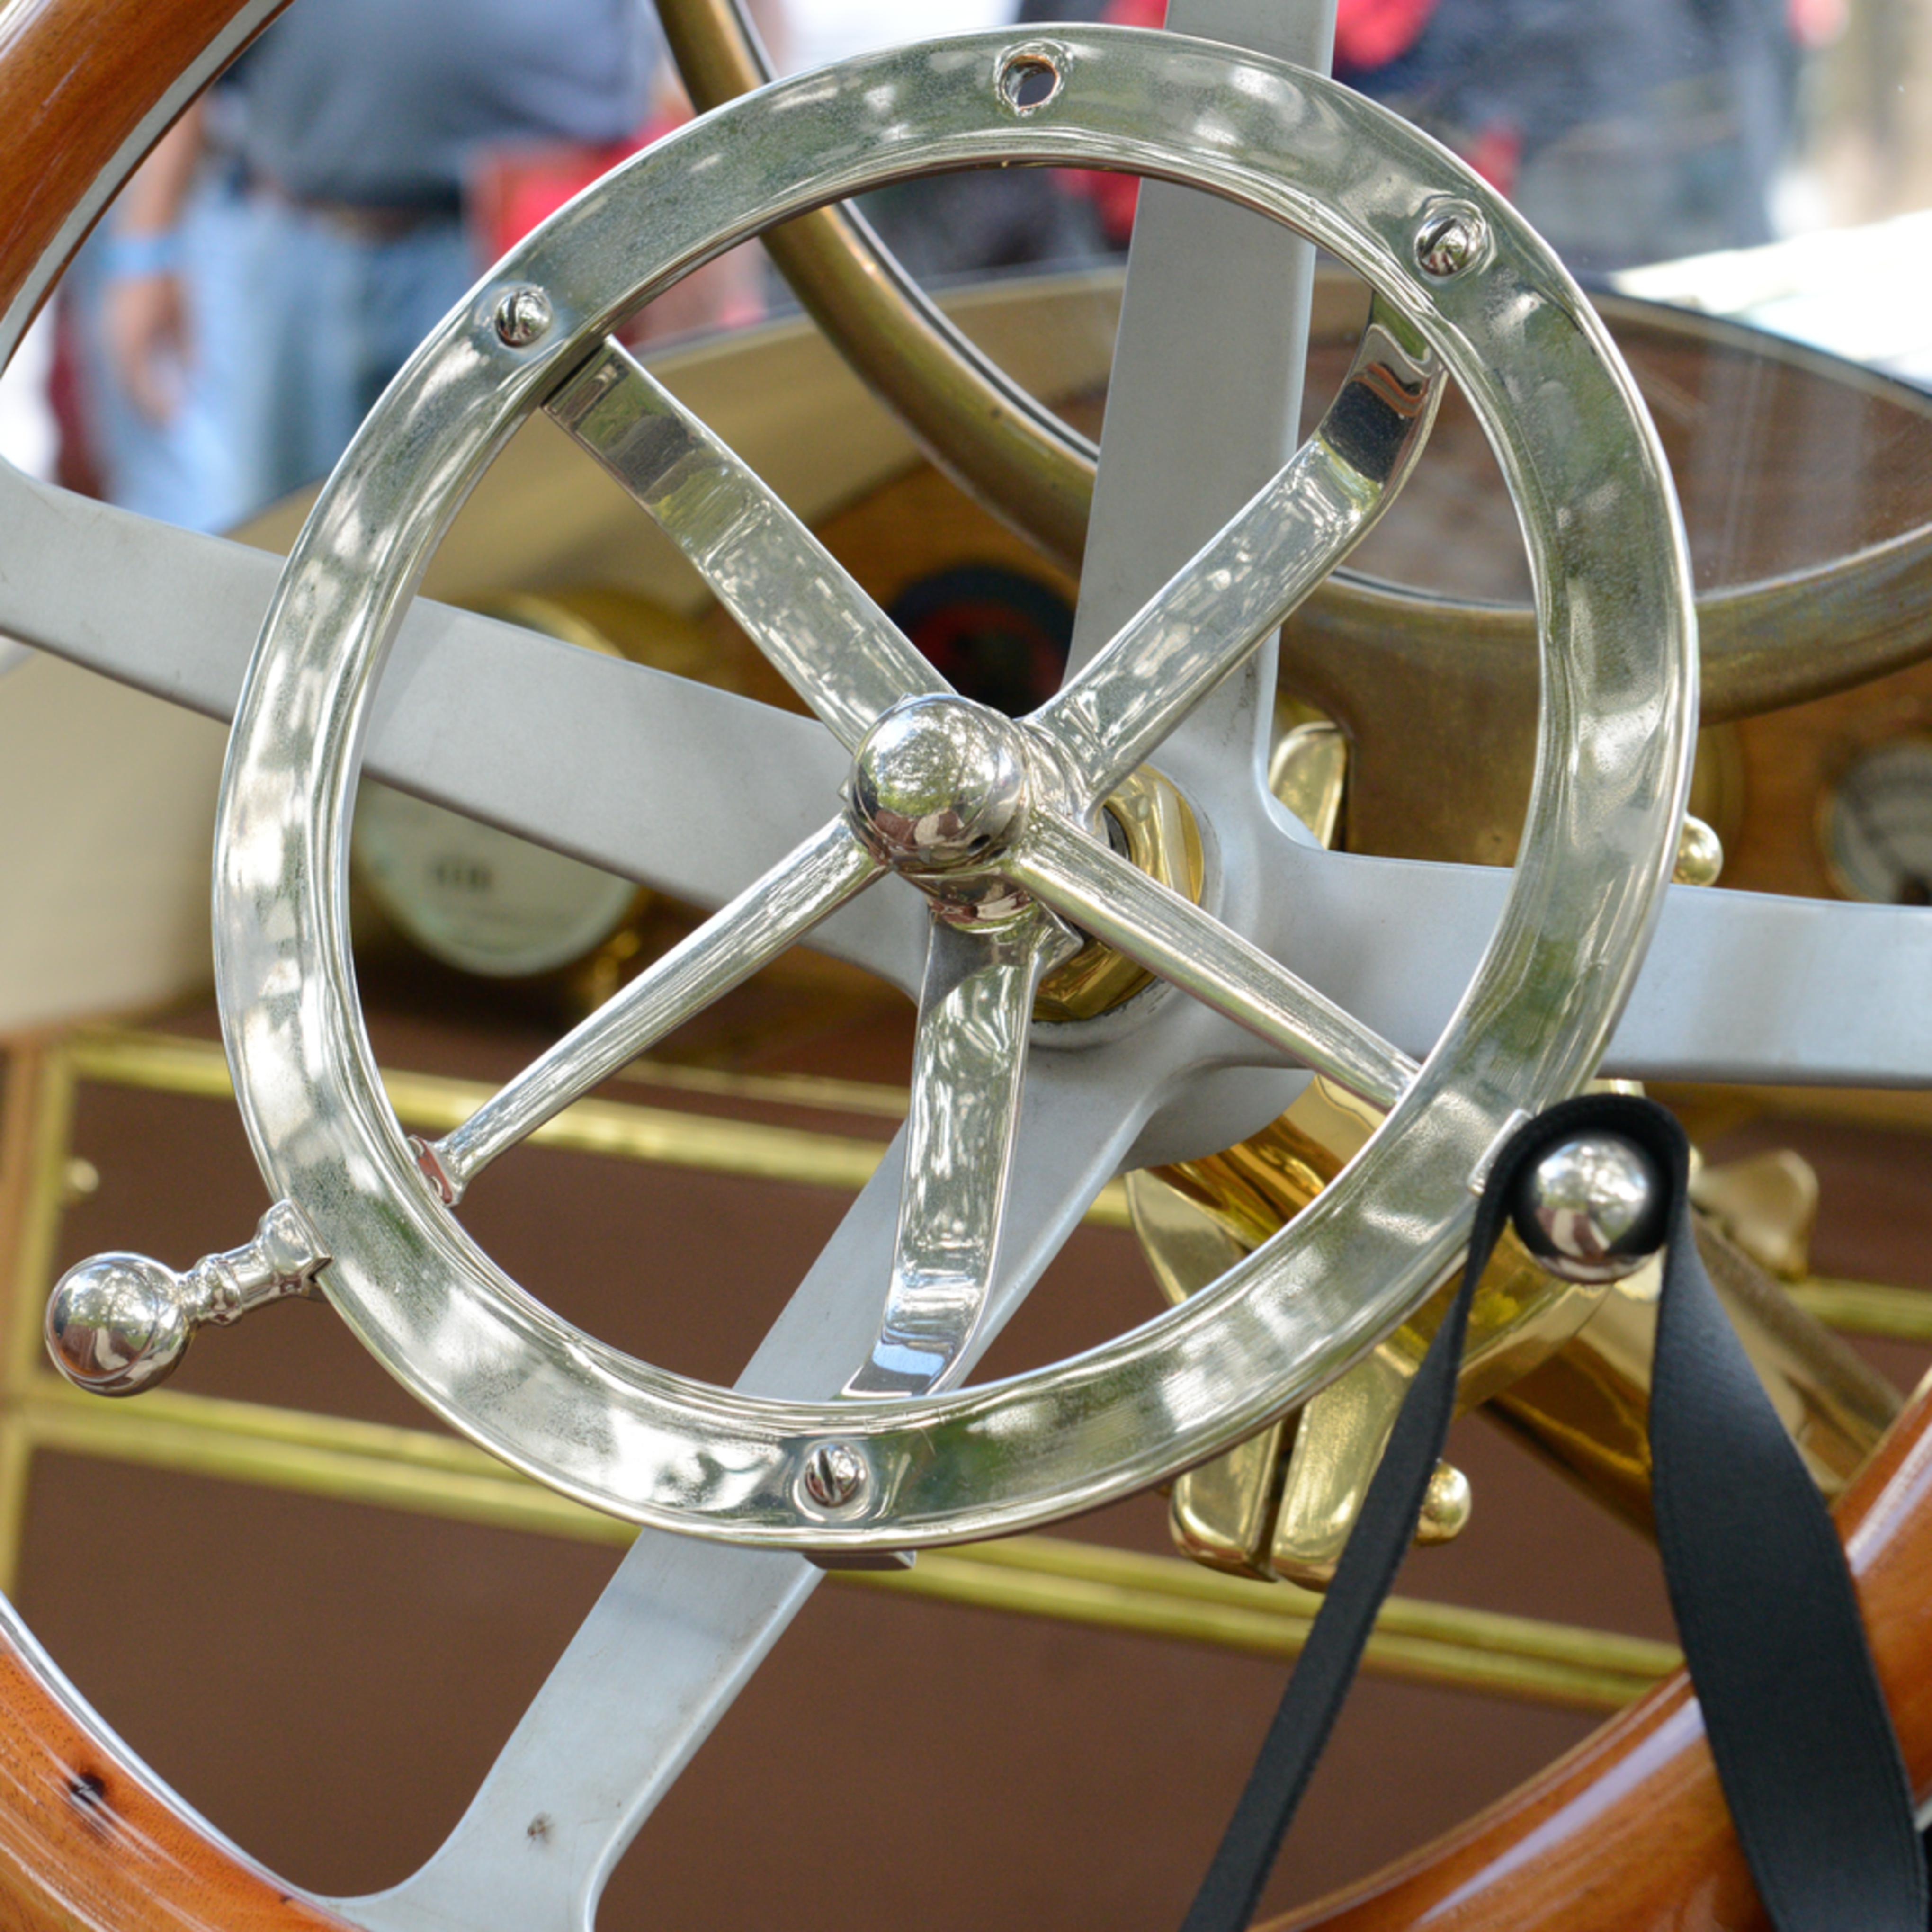 1911 marmon steering wheel detail rqie7n